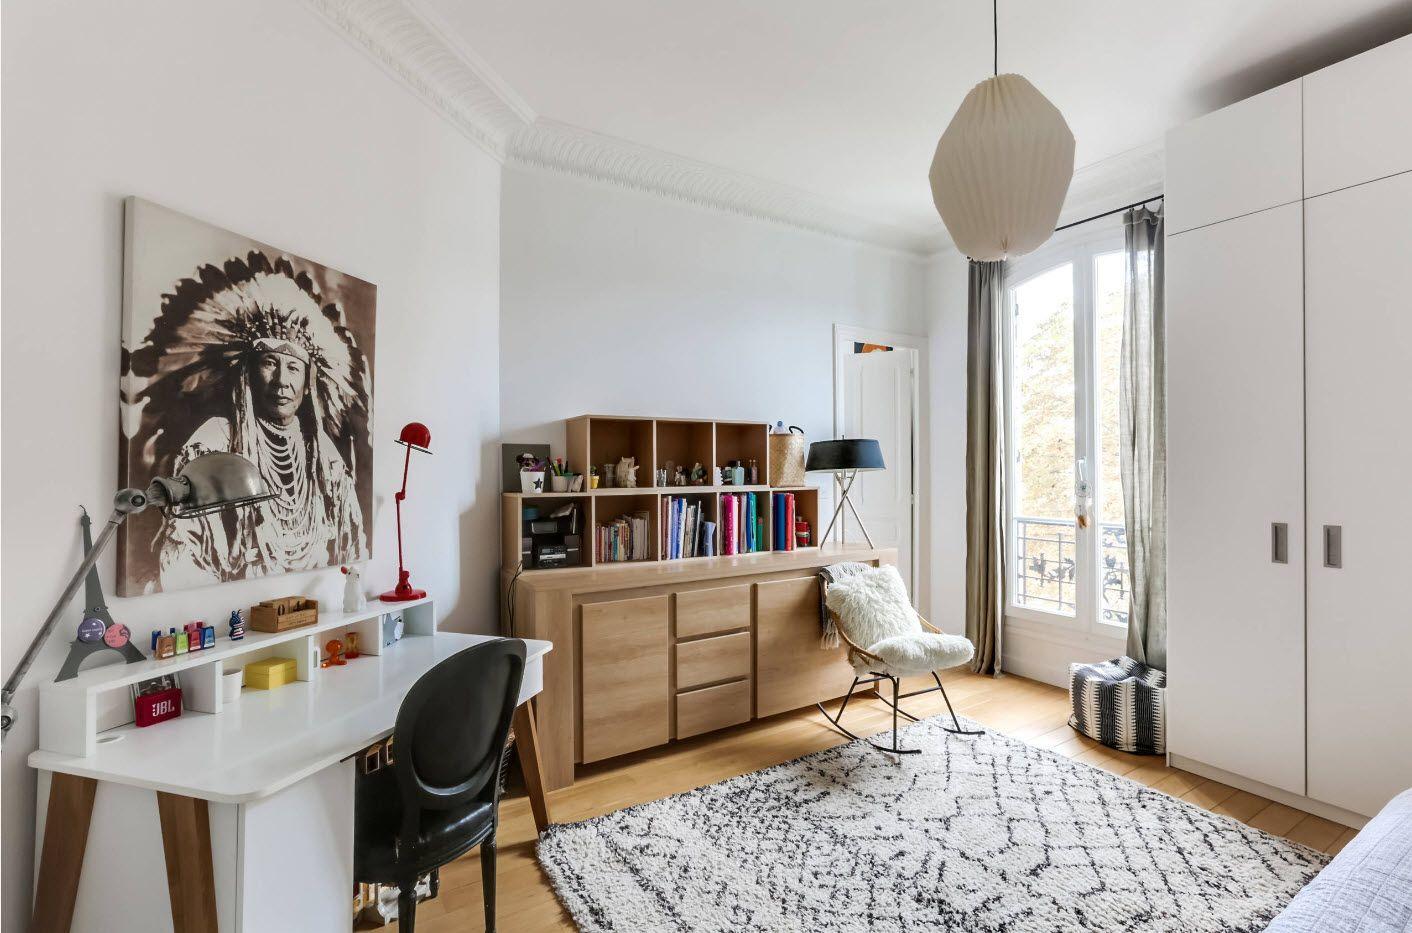 Scandinavian style acetic interior